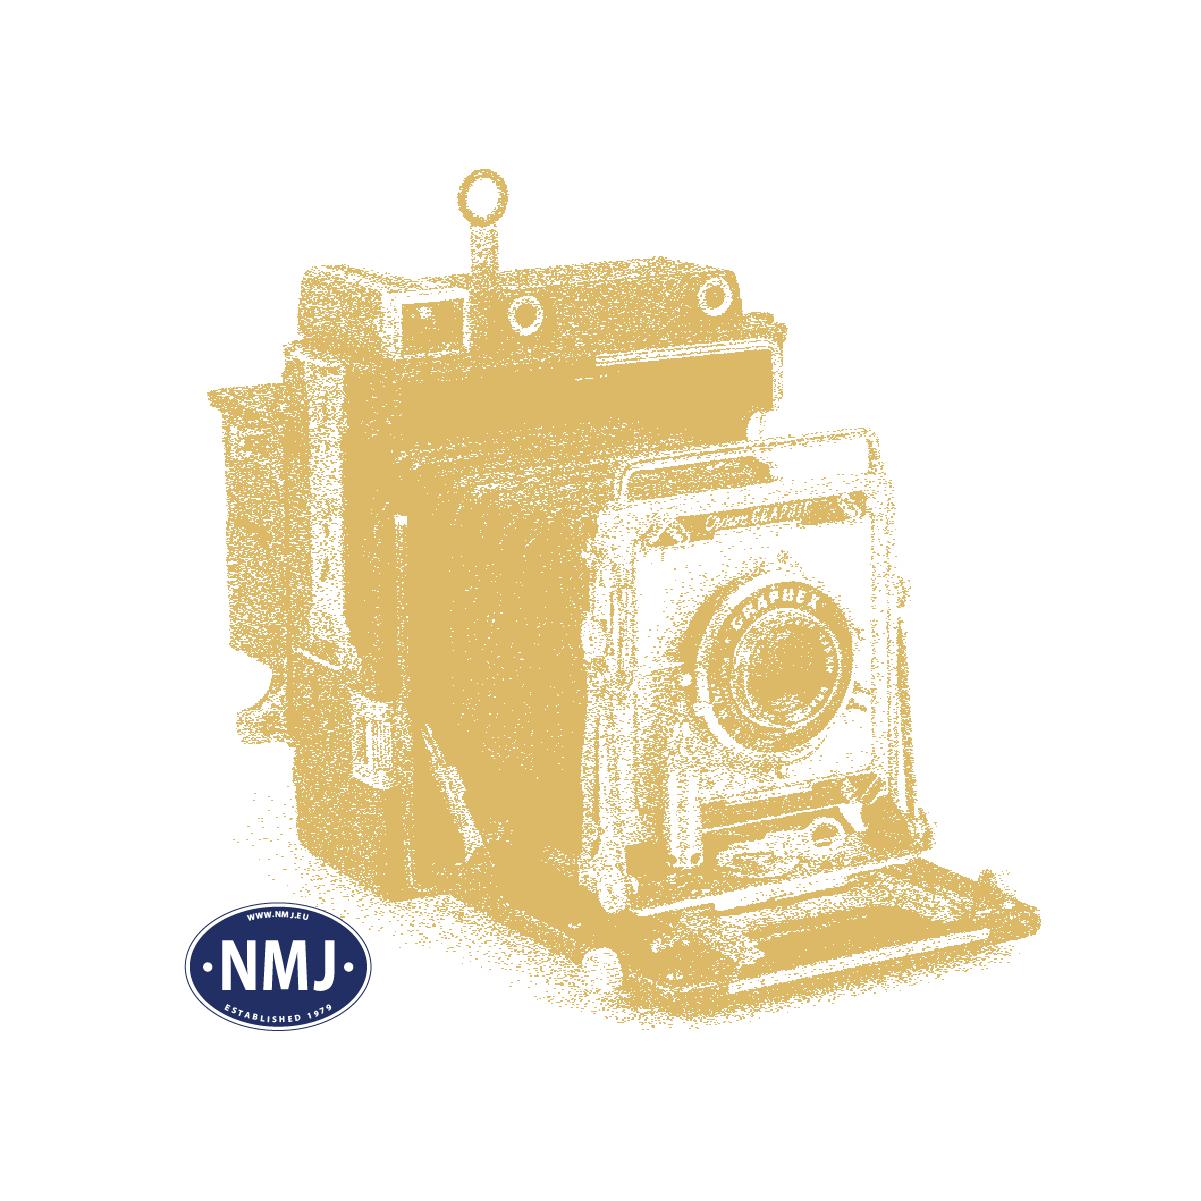 TAM87186 - Fine Lapping Film 6000